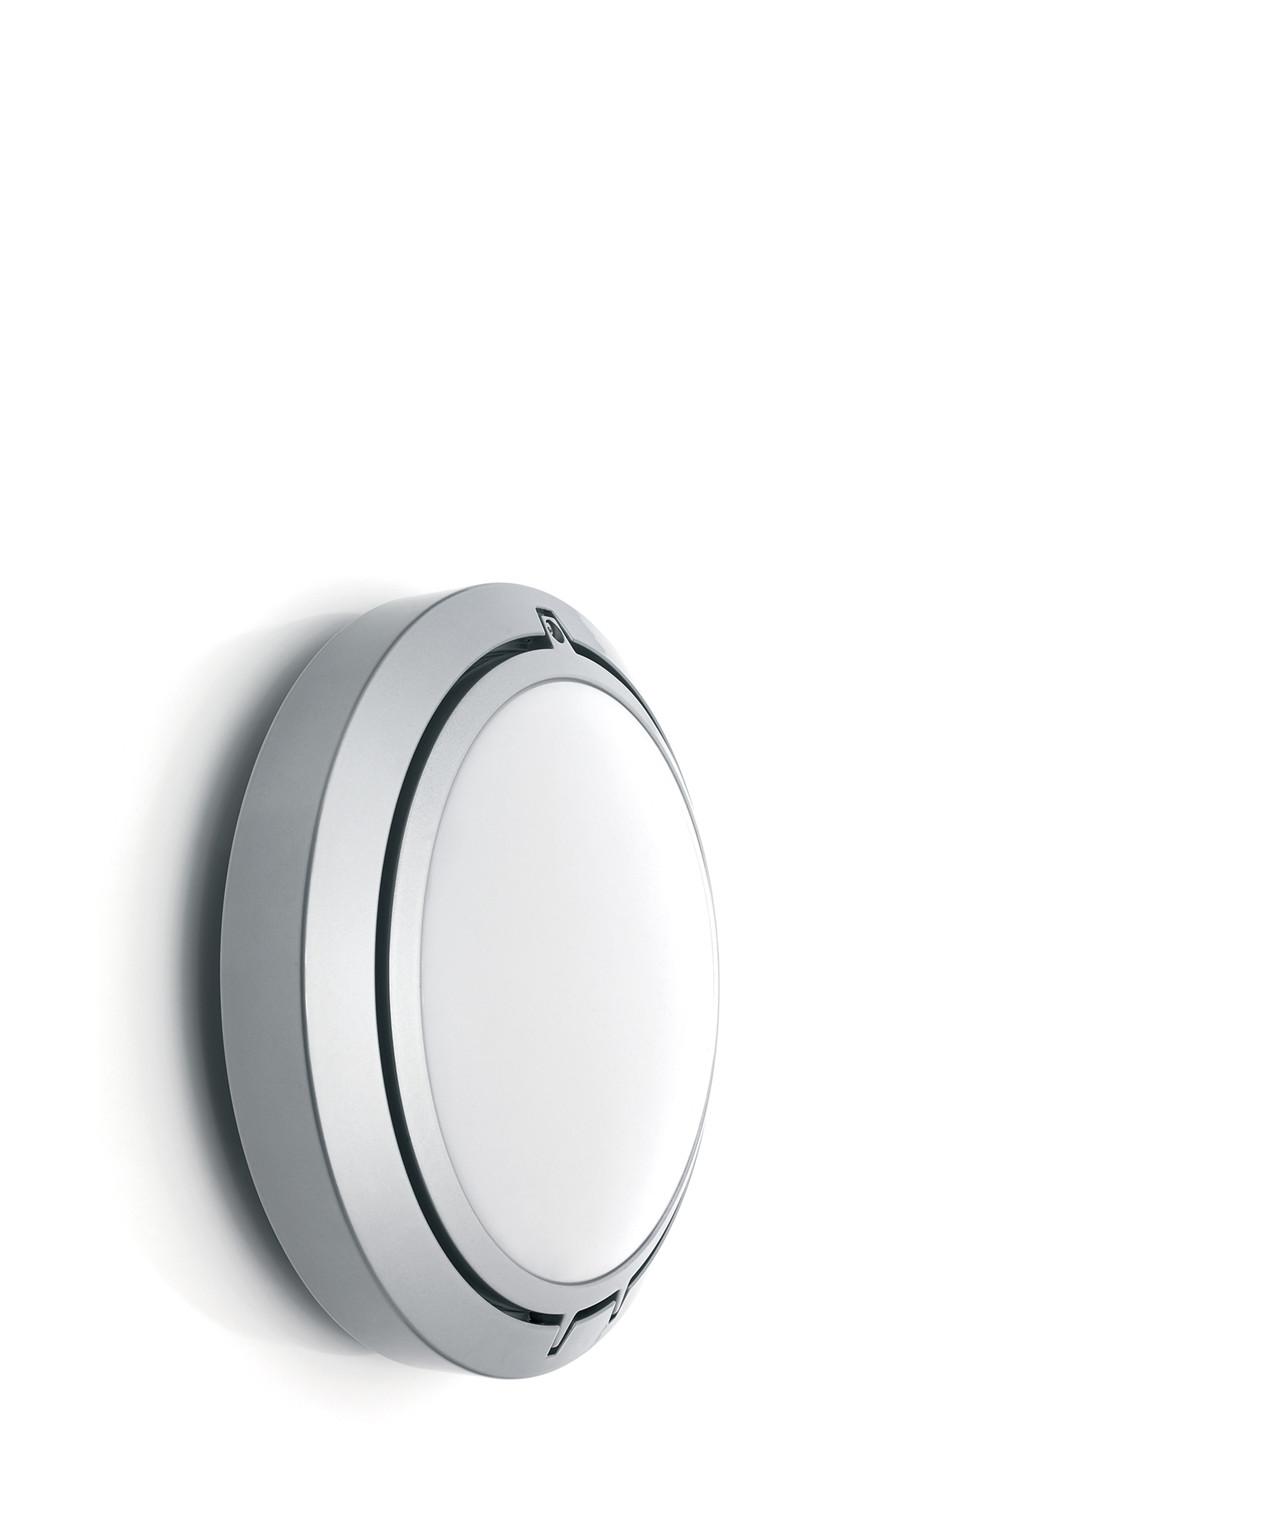 N/A – Metropoli væglampe/loftlampe polycarbonat Ø27 - luceplan fra lampemesteren.dk